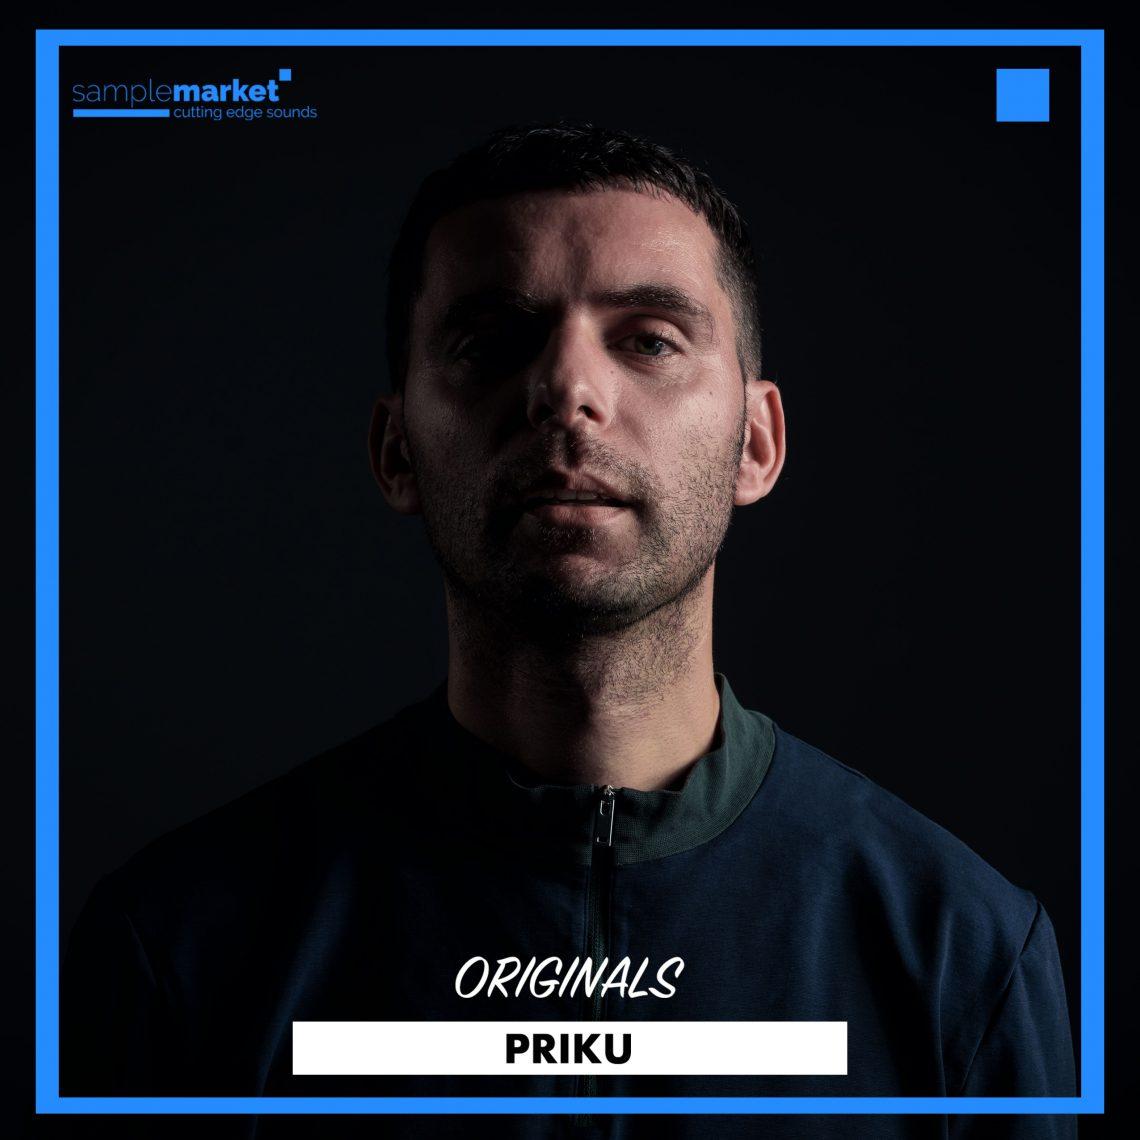 Exclusive Priku Pack is released at Samplemarket